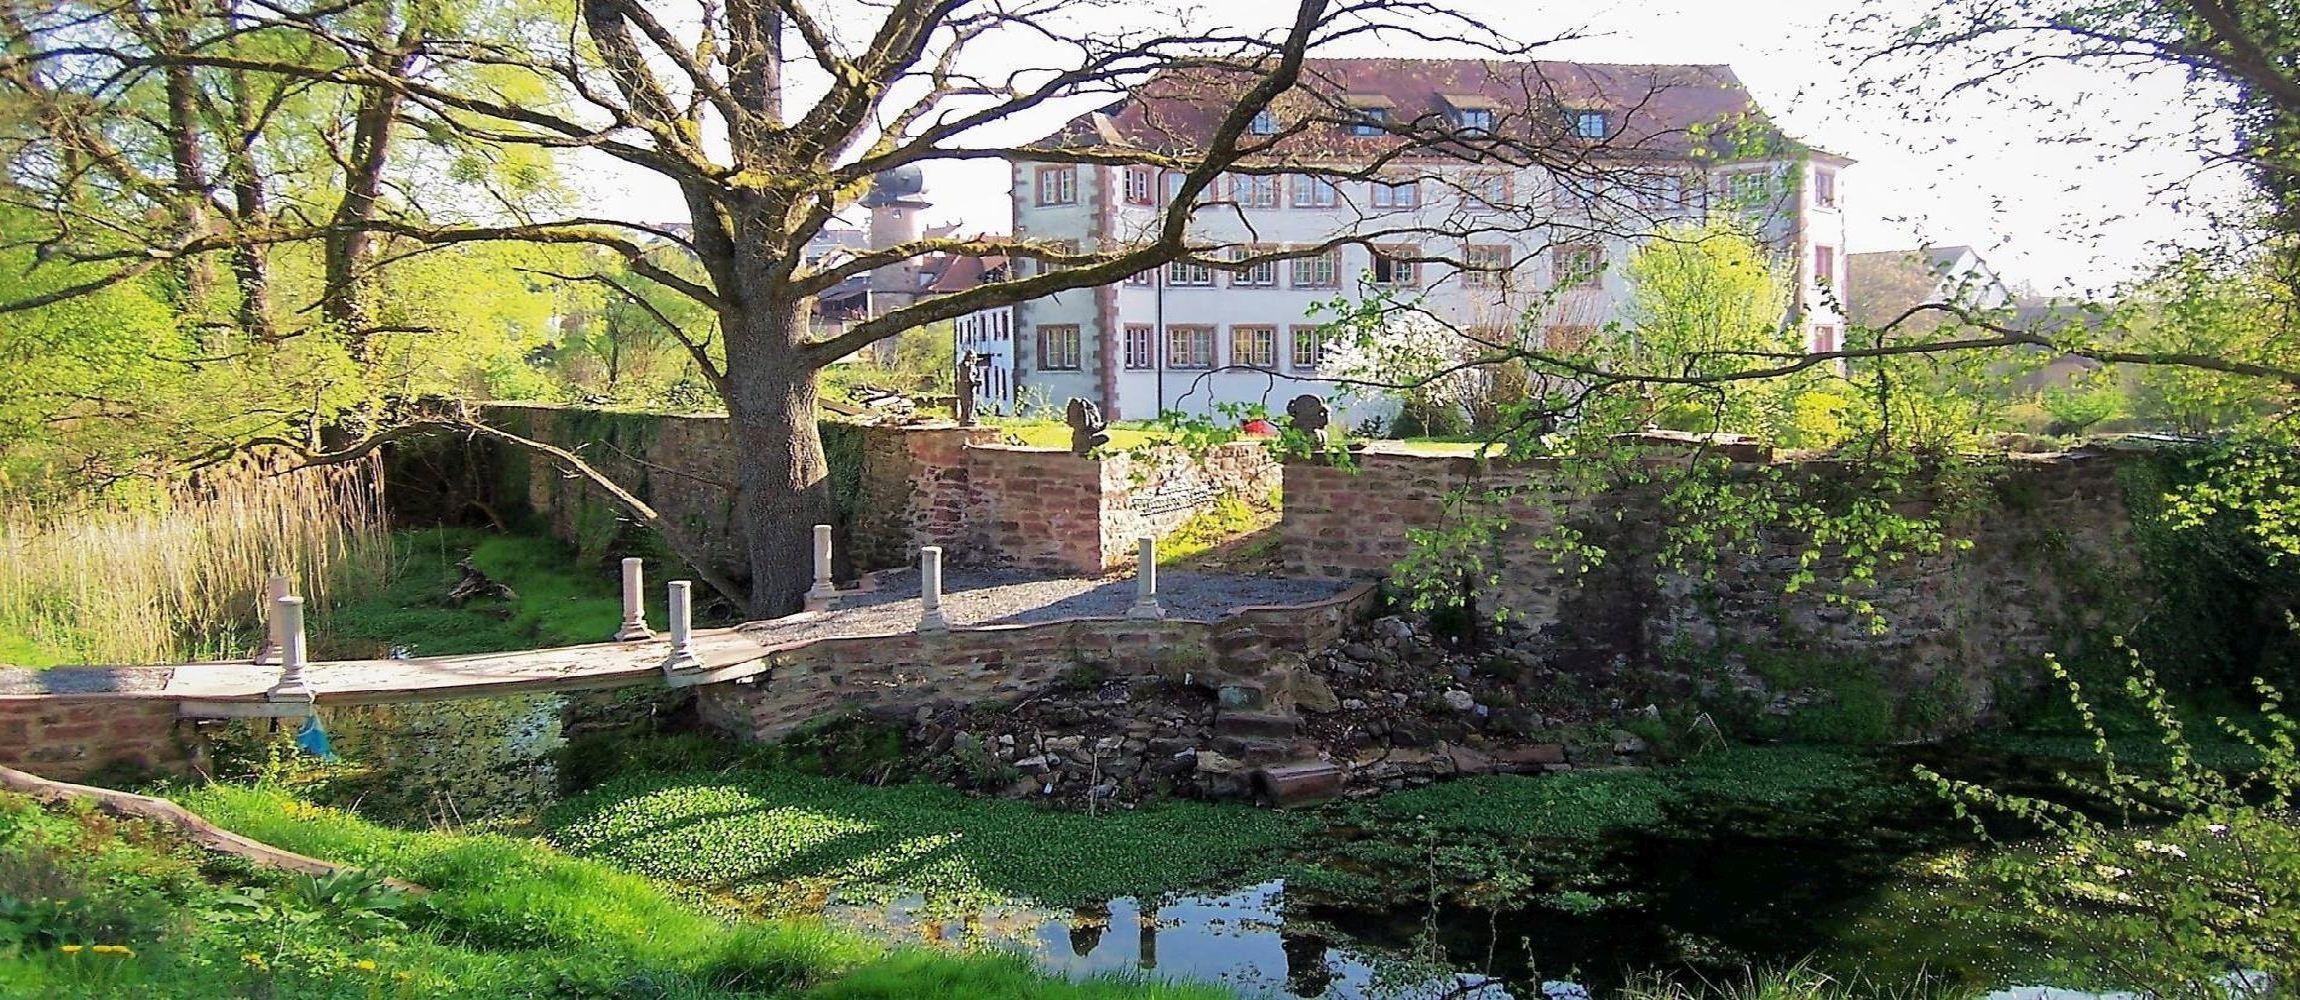 Brücke am Außengraben